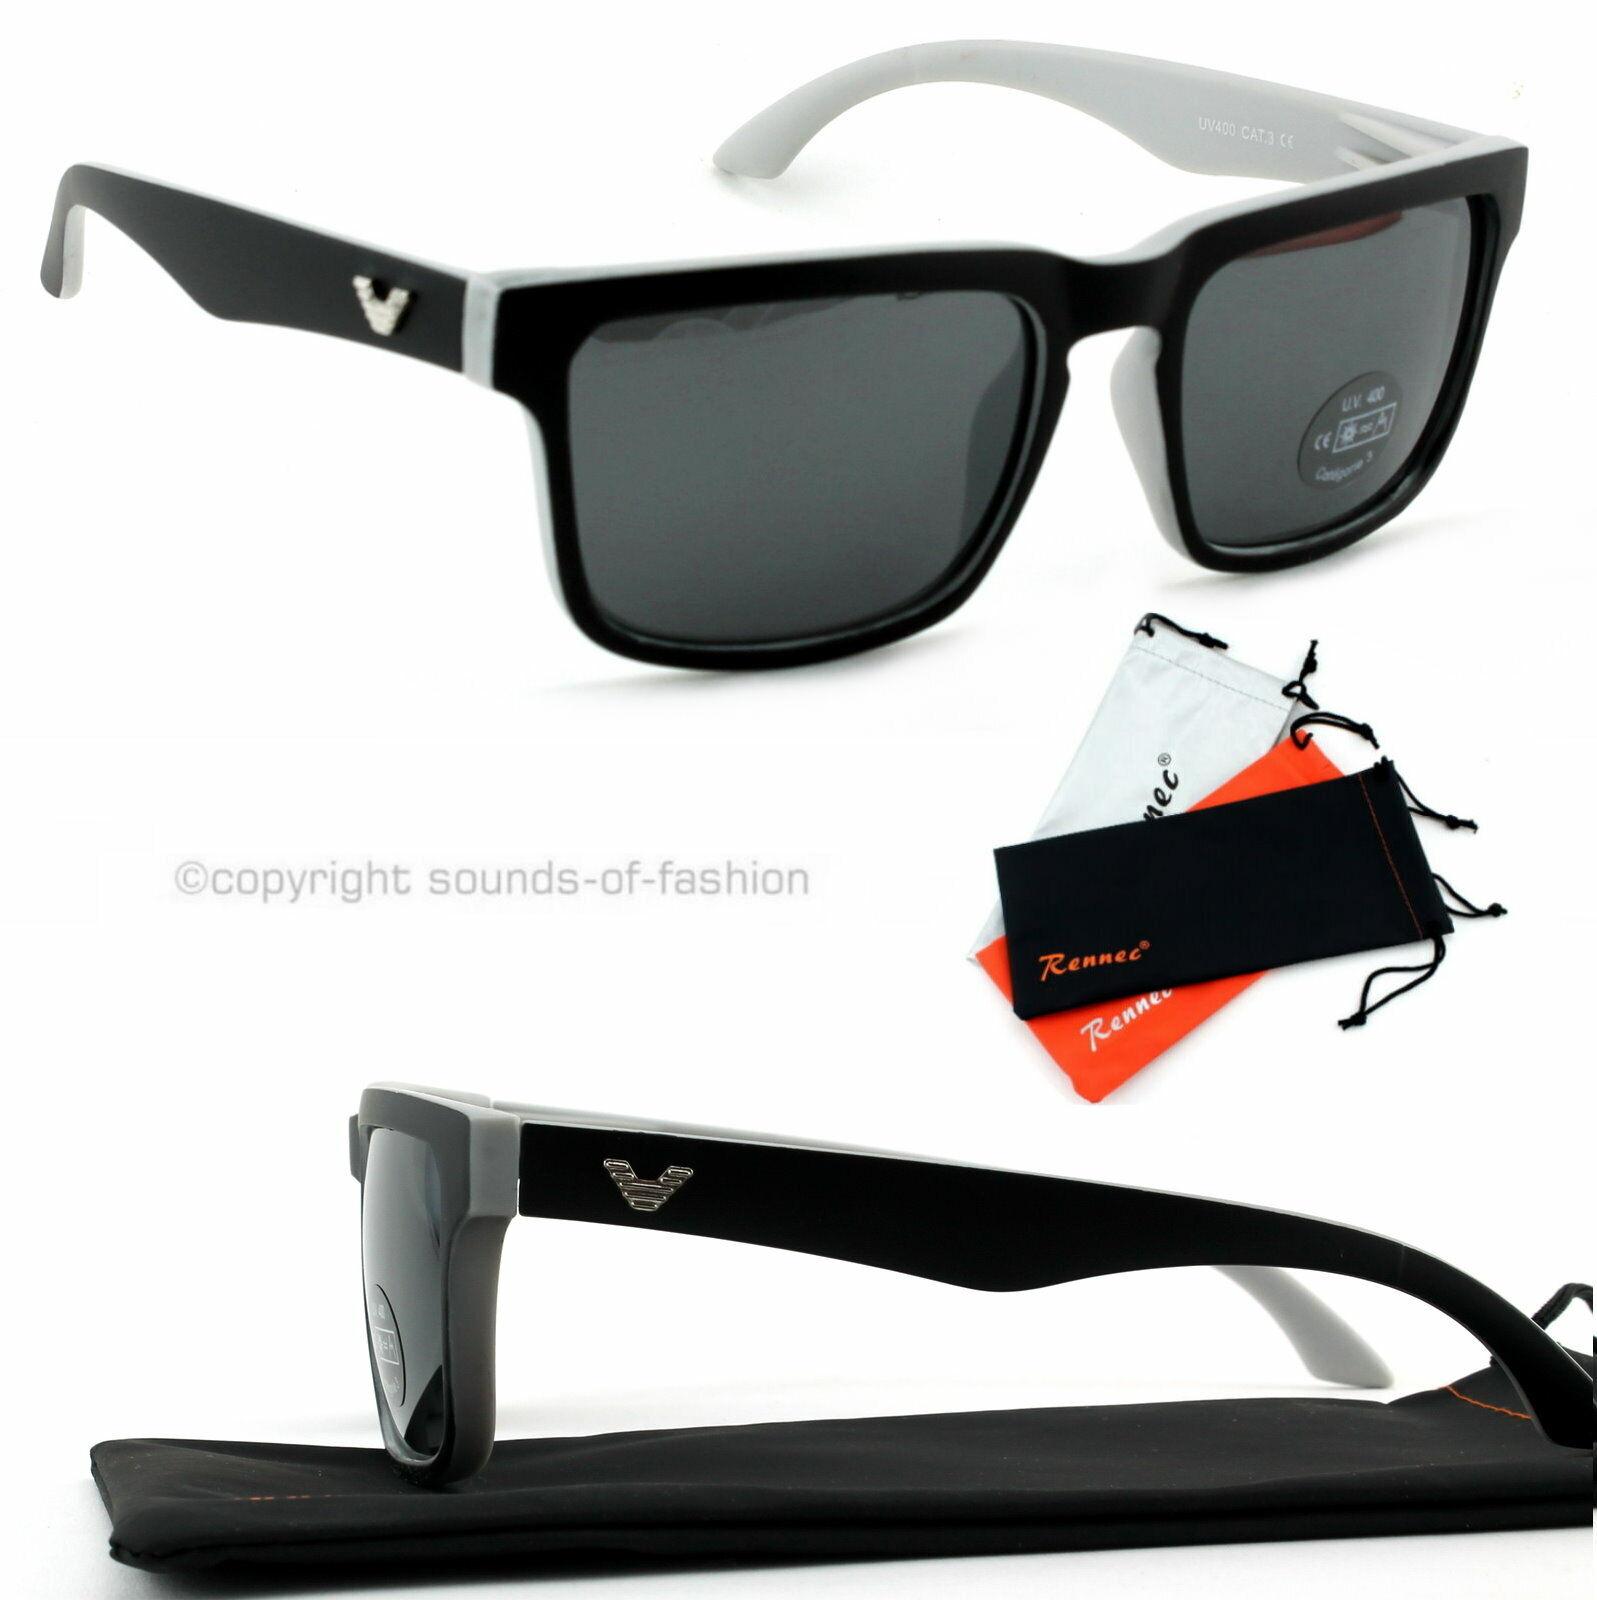 Große Sonnenbrille Rechteckig Verspiegelt Damen Herren XL grau matt schwarz V1